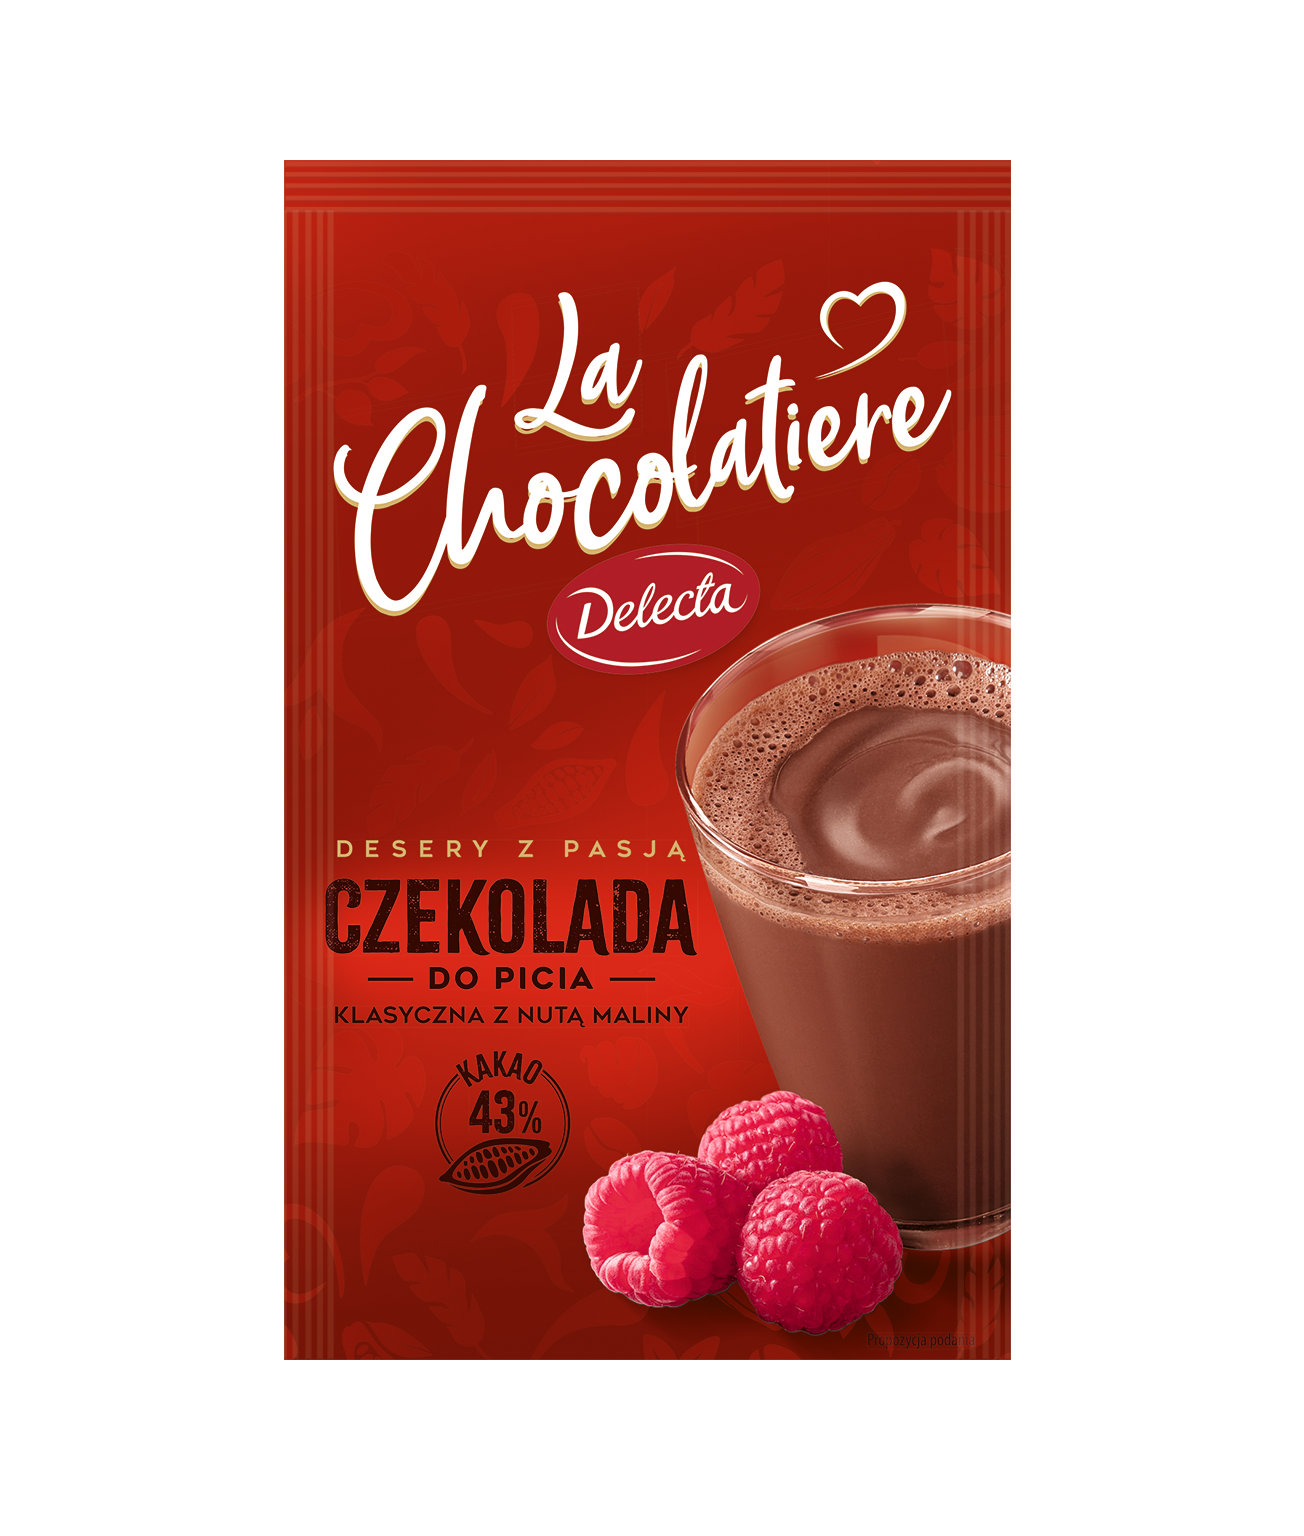 LaChocolatiere_Czekolada do picia_z malinami